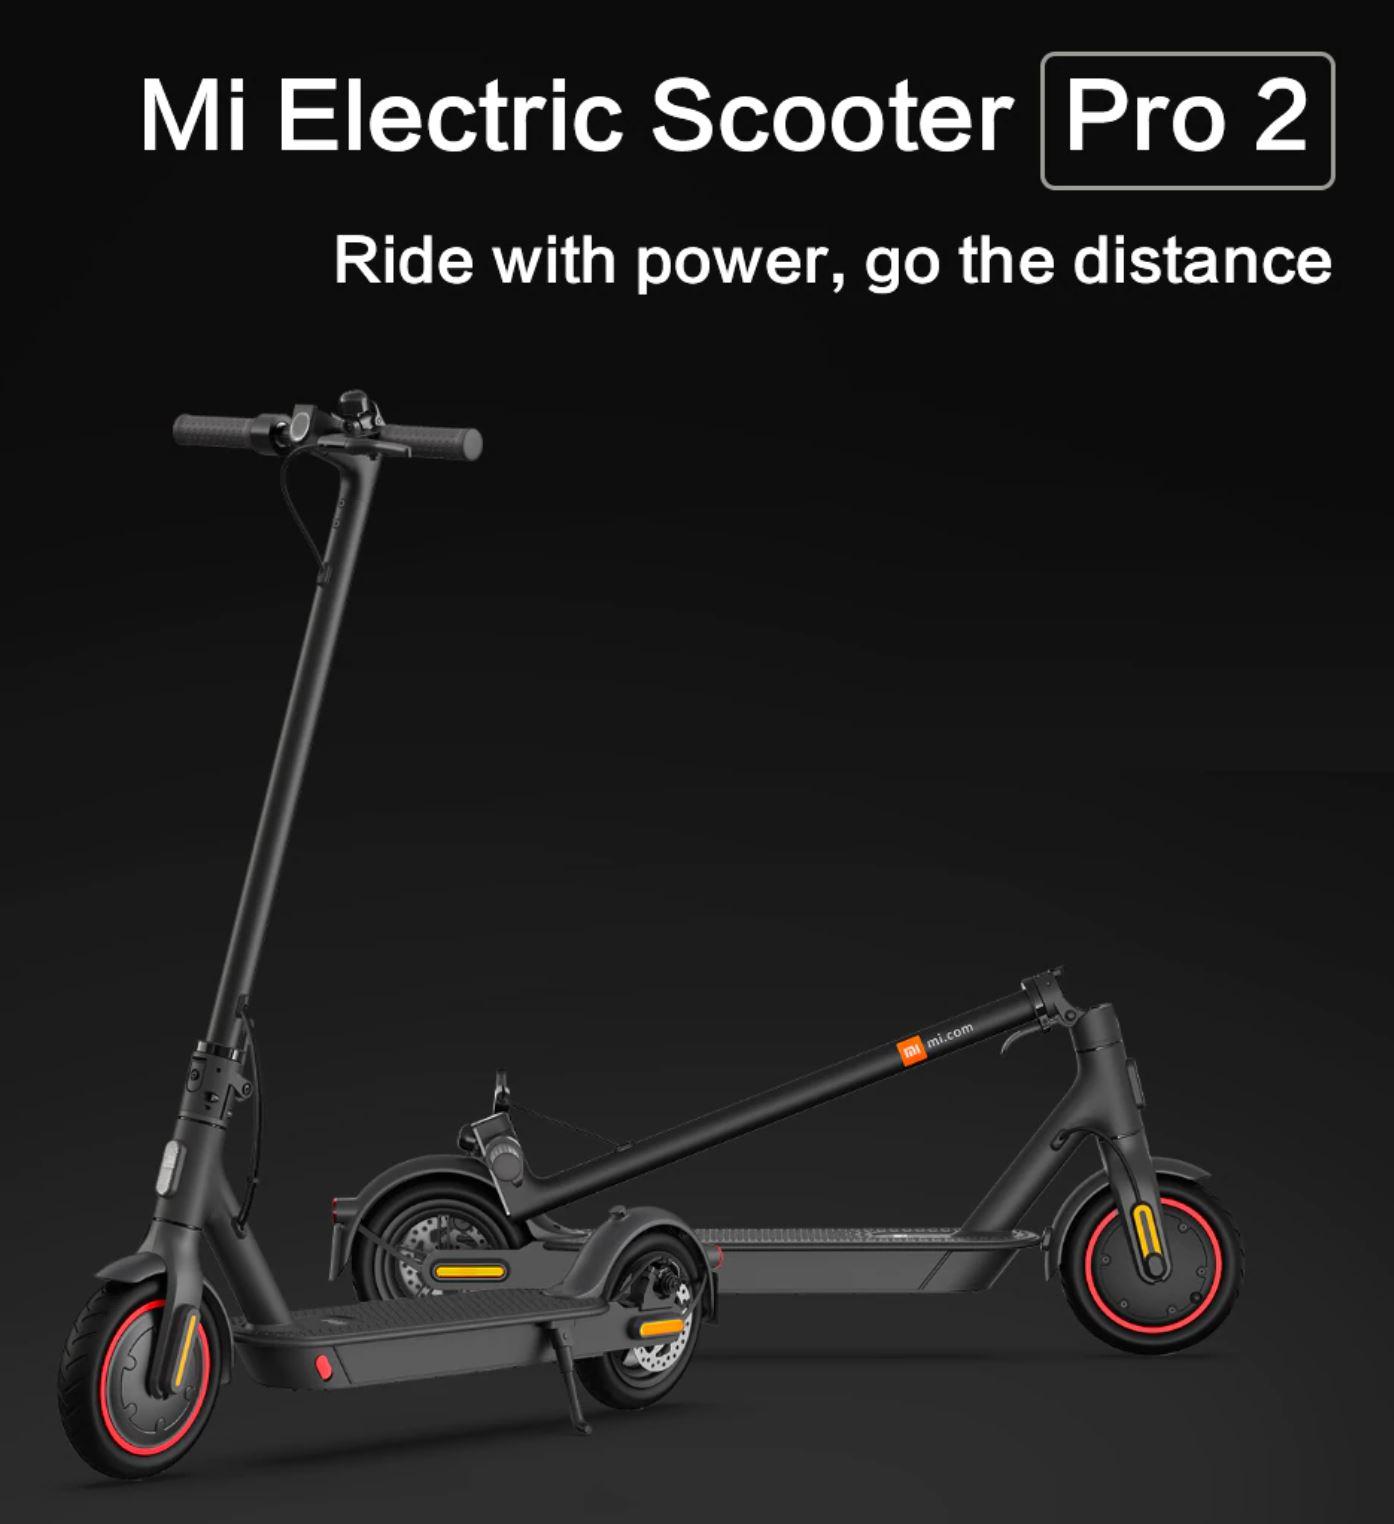 Pojazdy elektryczne z Aliexpress - hulajnoga elektryczna Xiaomi Mi Electric Scooter PRO 2